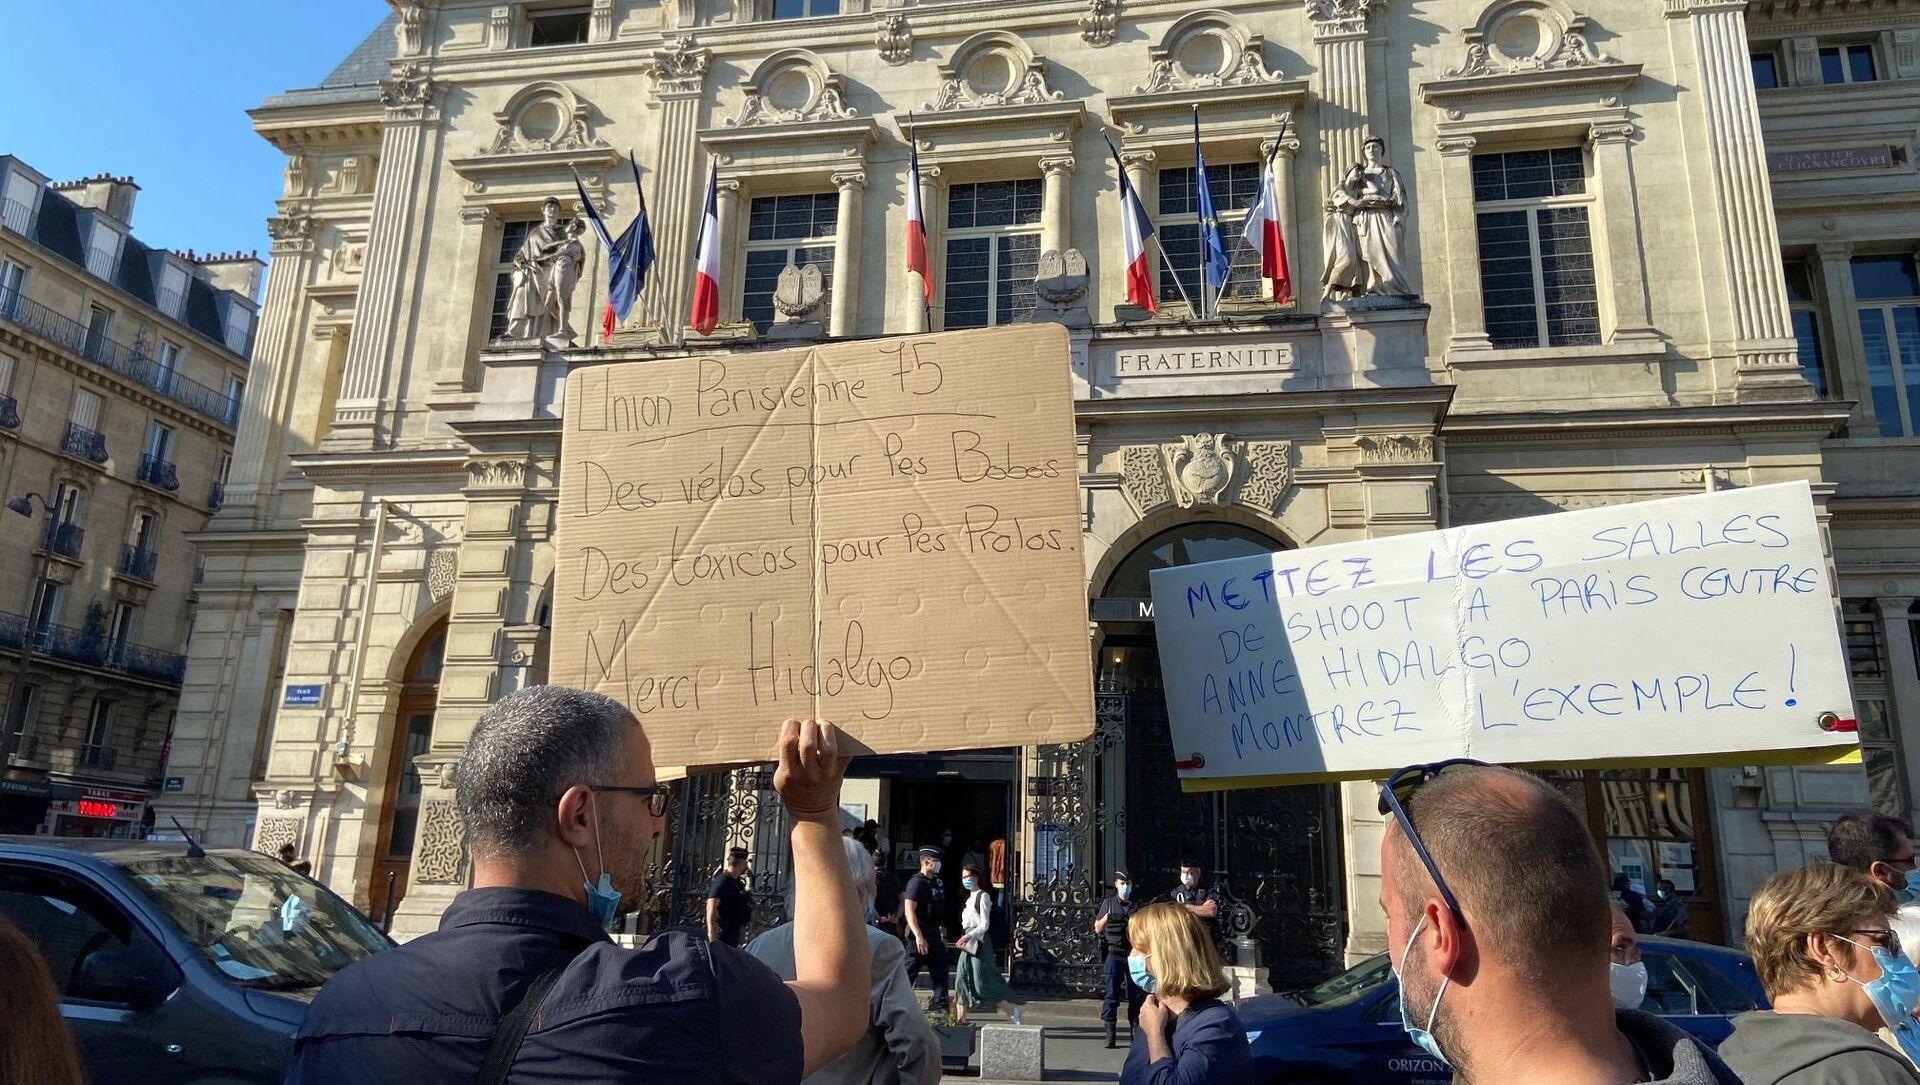 Une manifestation des riverains contre les salles de shoot, devant la mairie du XVIII arrondissement de Paris - Sputnik France, 1920, 07.06.2021